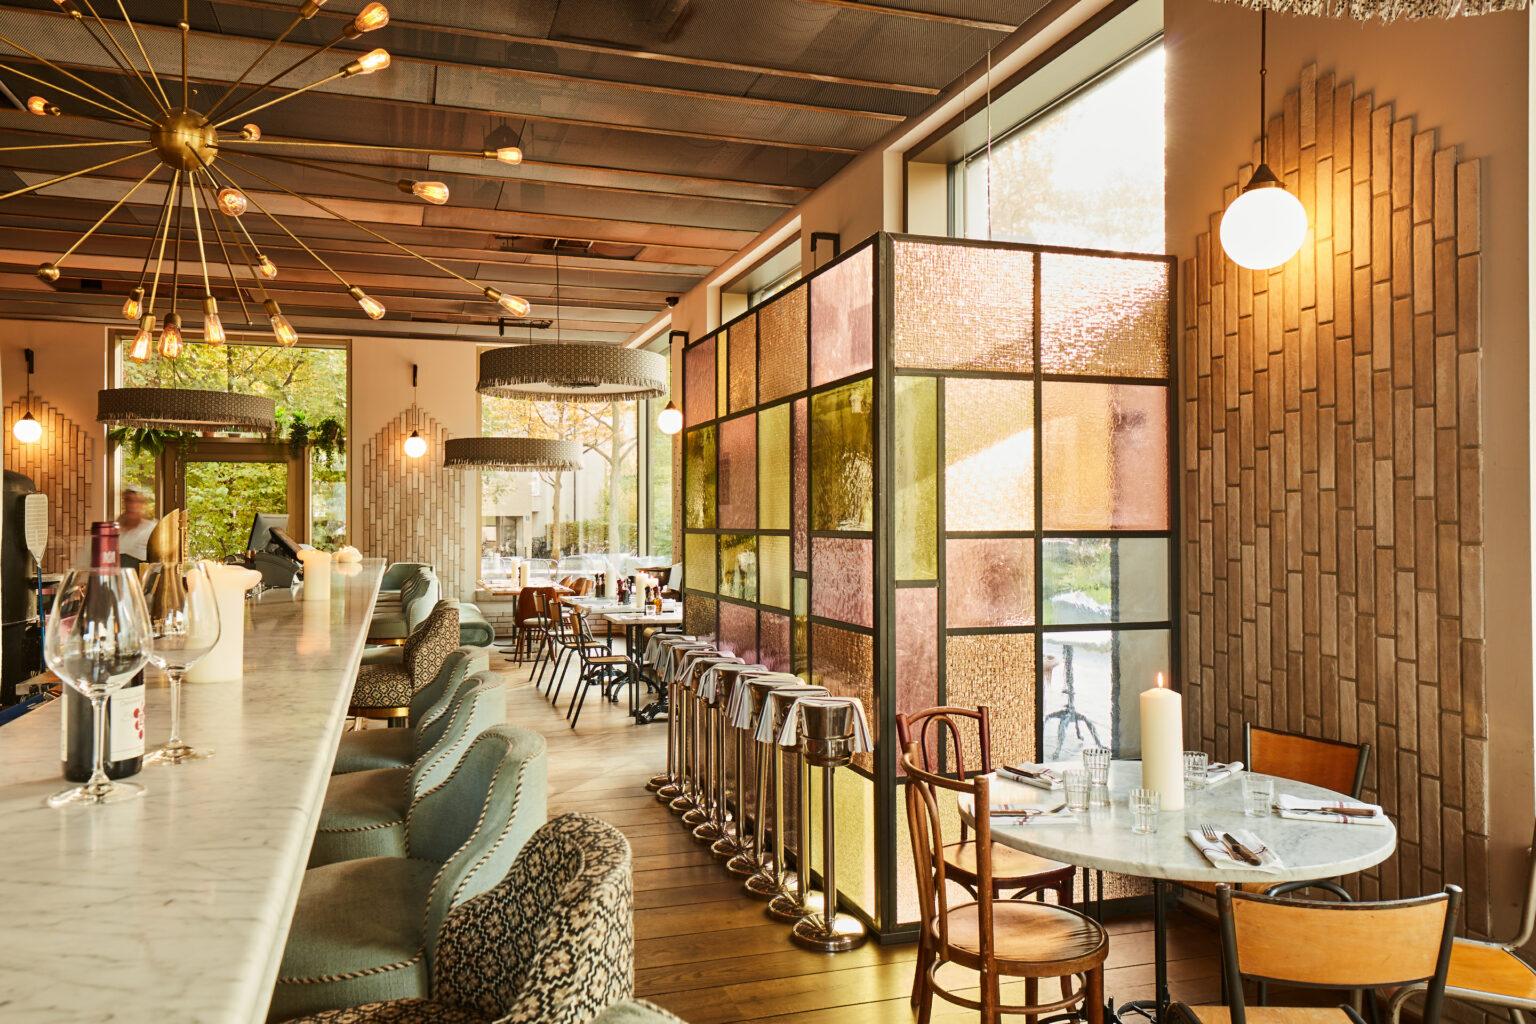 Marta_restaurant_münchen_schwabinger_tor_trattoria_bar_italienisch_italiener_mittagessen_abendessen_lunch_dinner_wein_feinkost_interior_schick_edel_angesagt_pastell